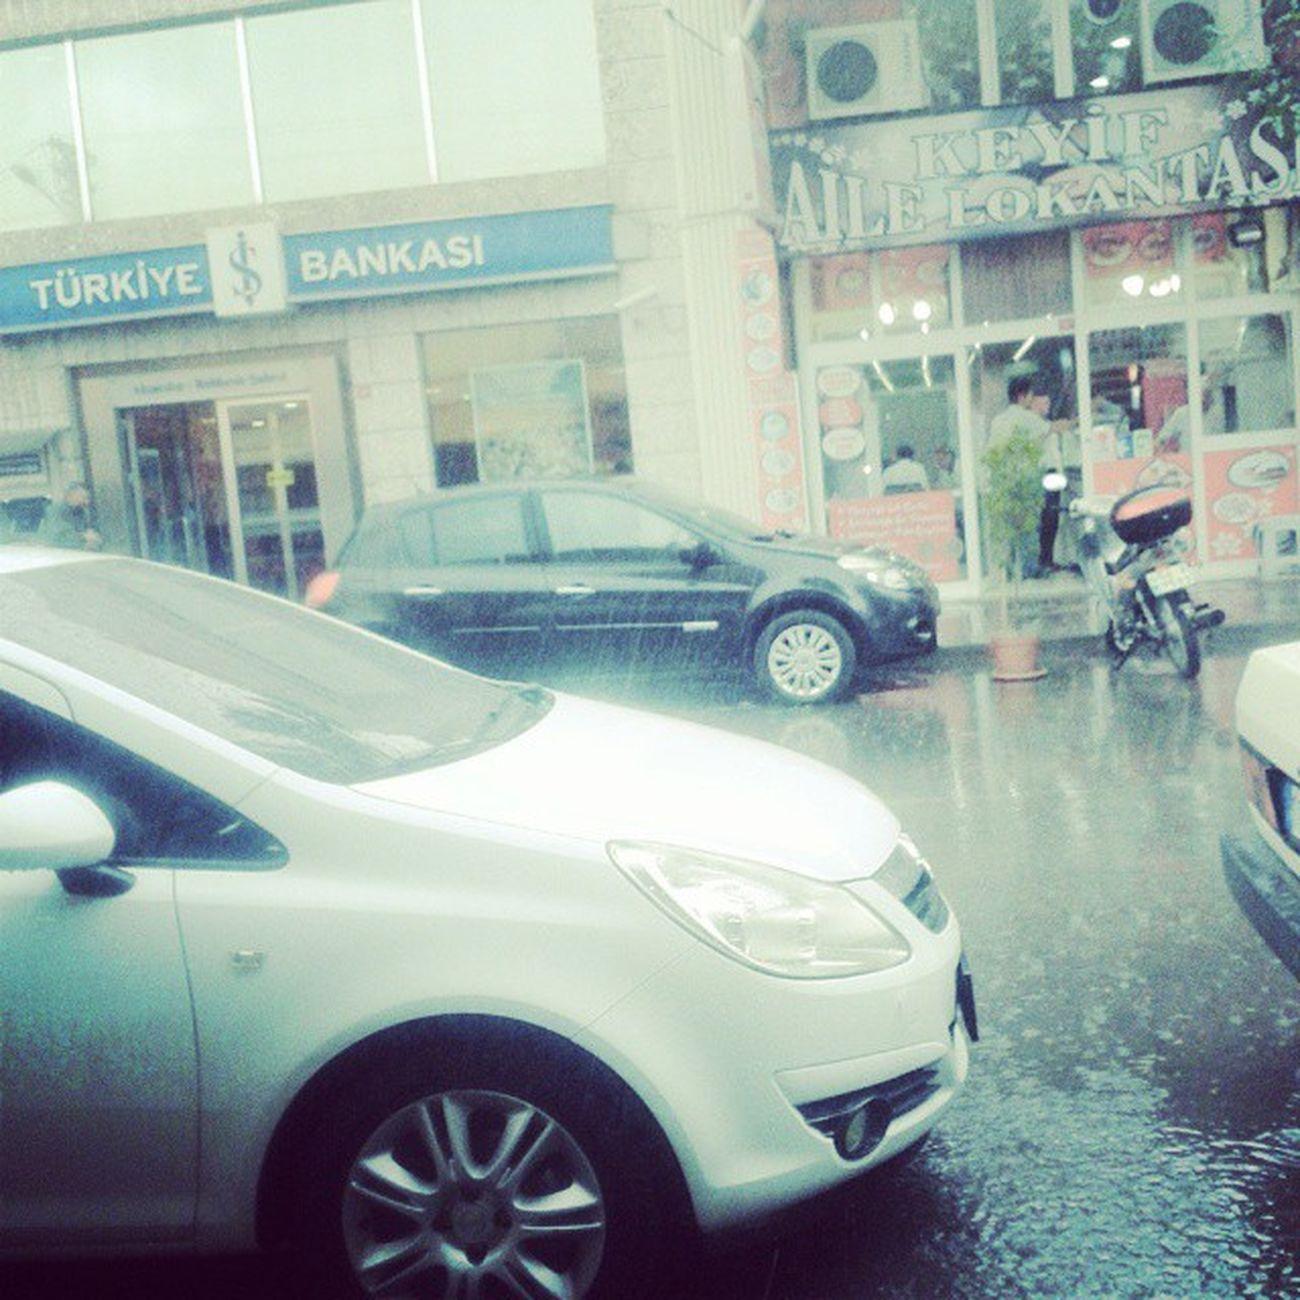 yağmuraFeña Yakalandik